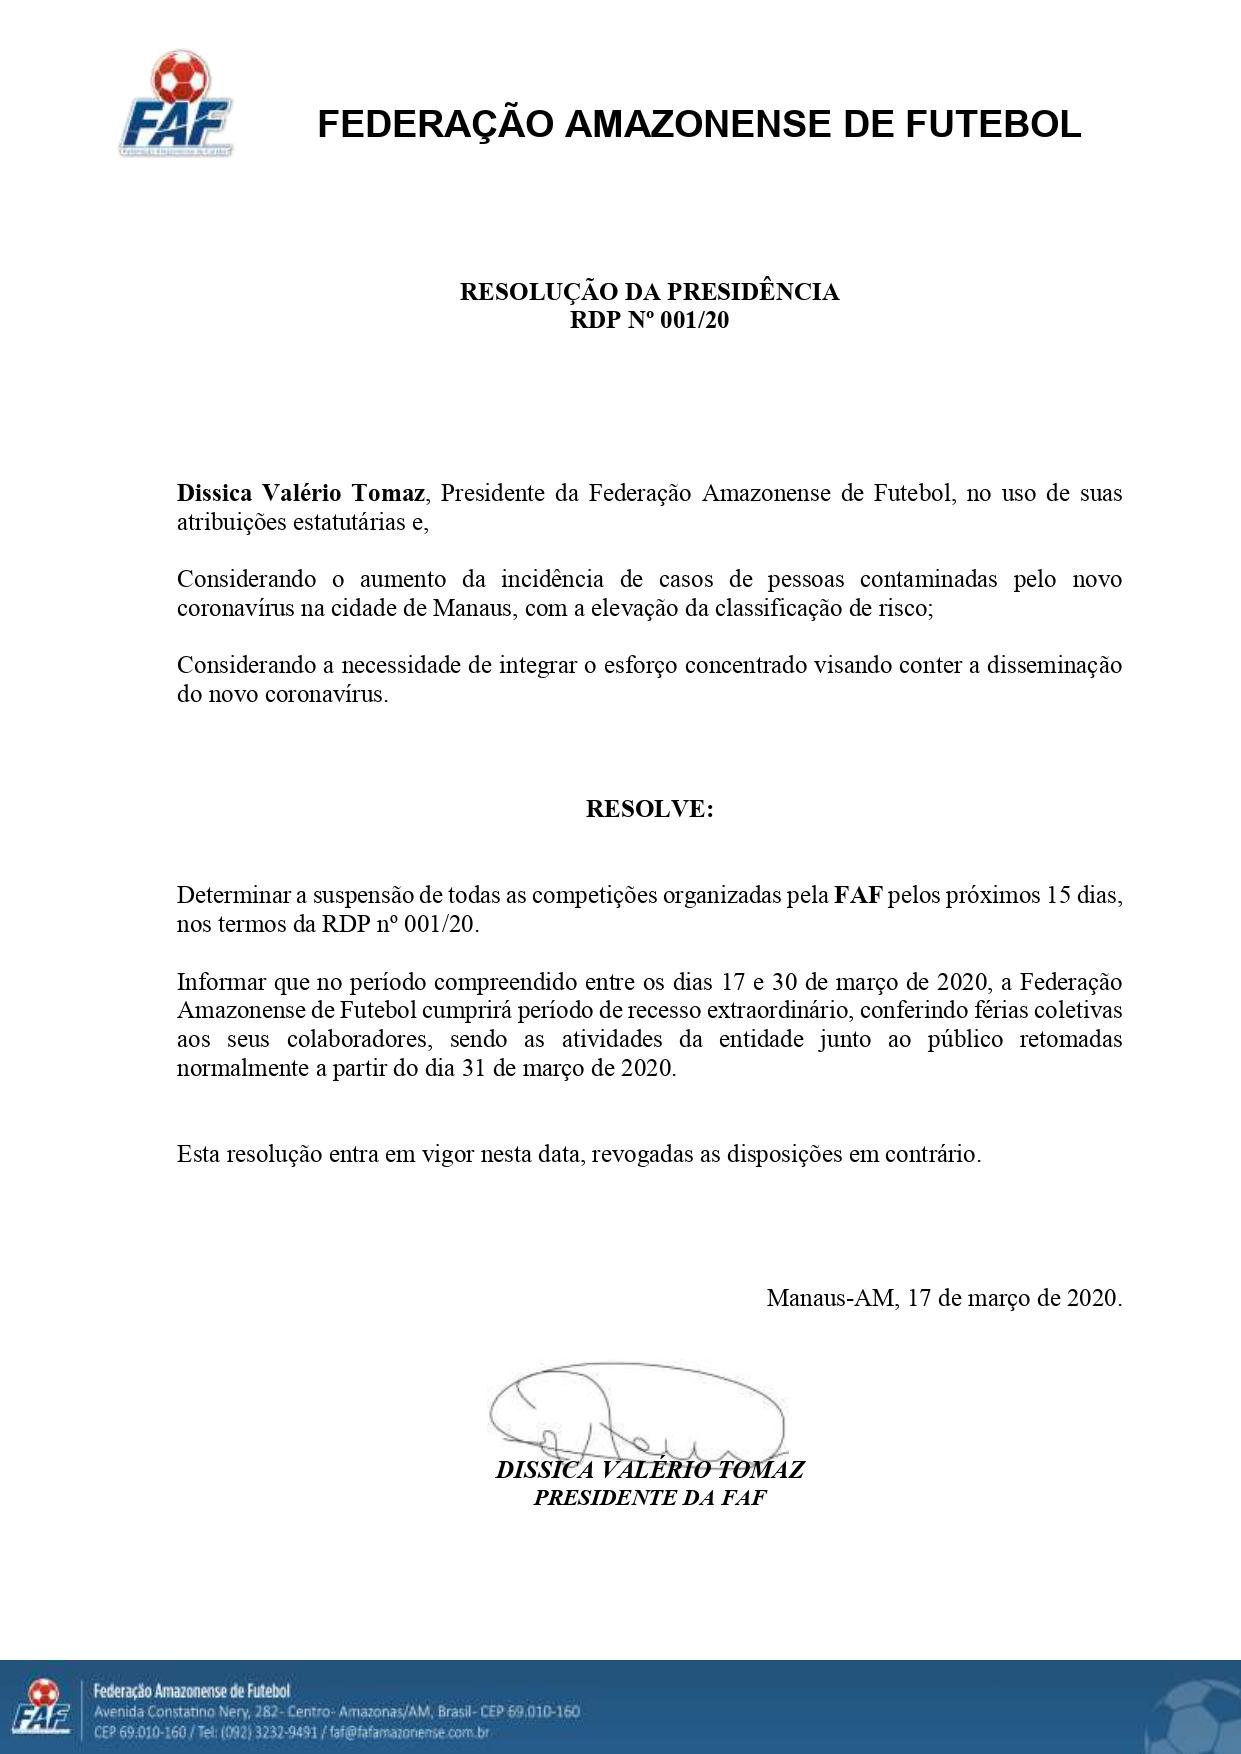 Federação Amazonense de Futebol suspende jogos do Campeonato Amazonense (Foto: Reprodução)